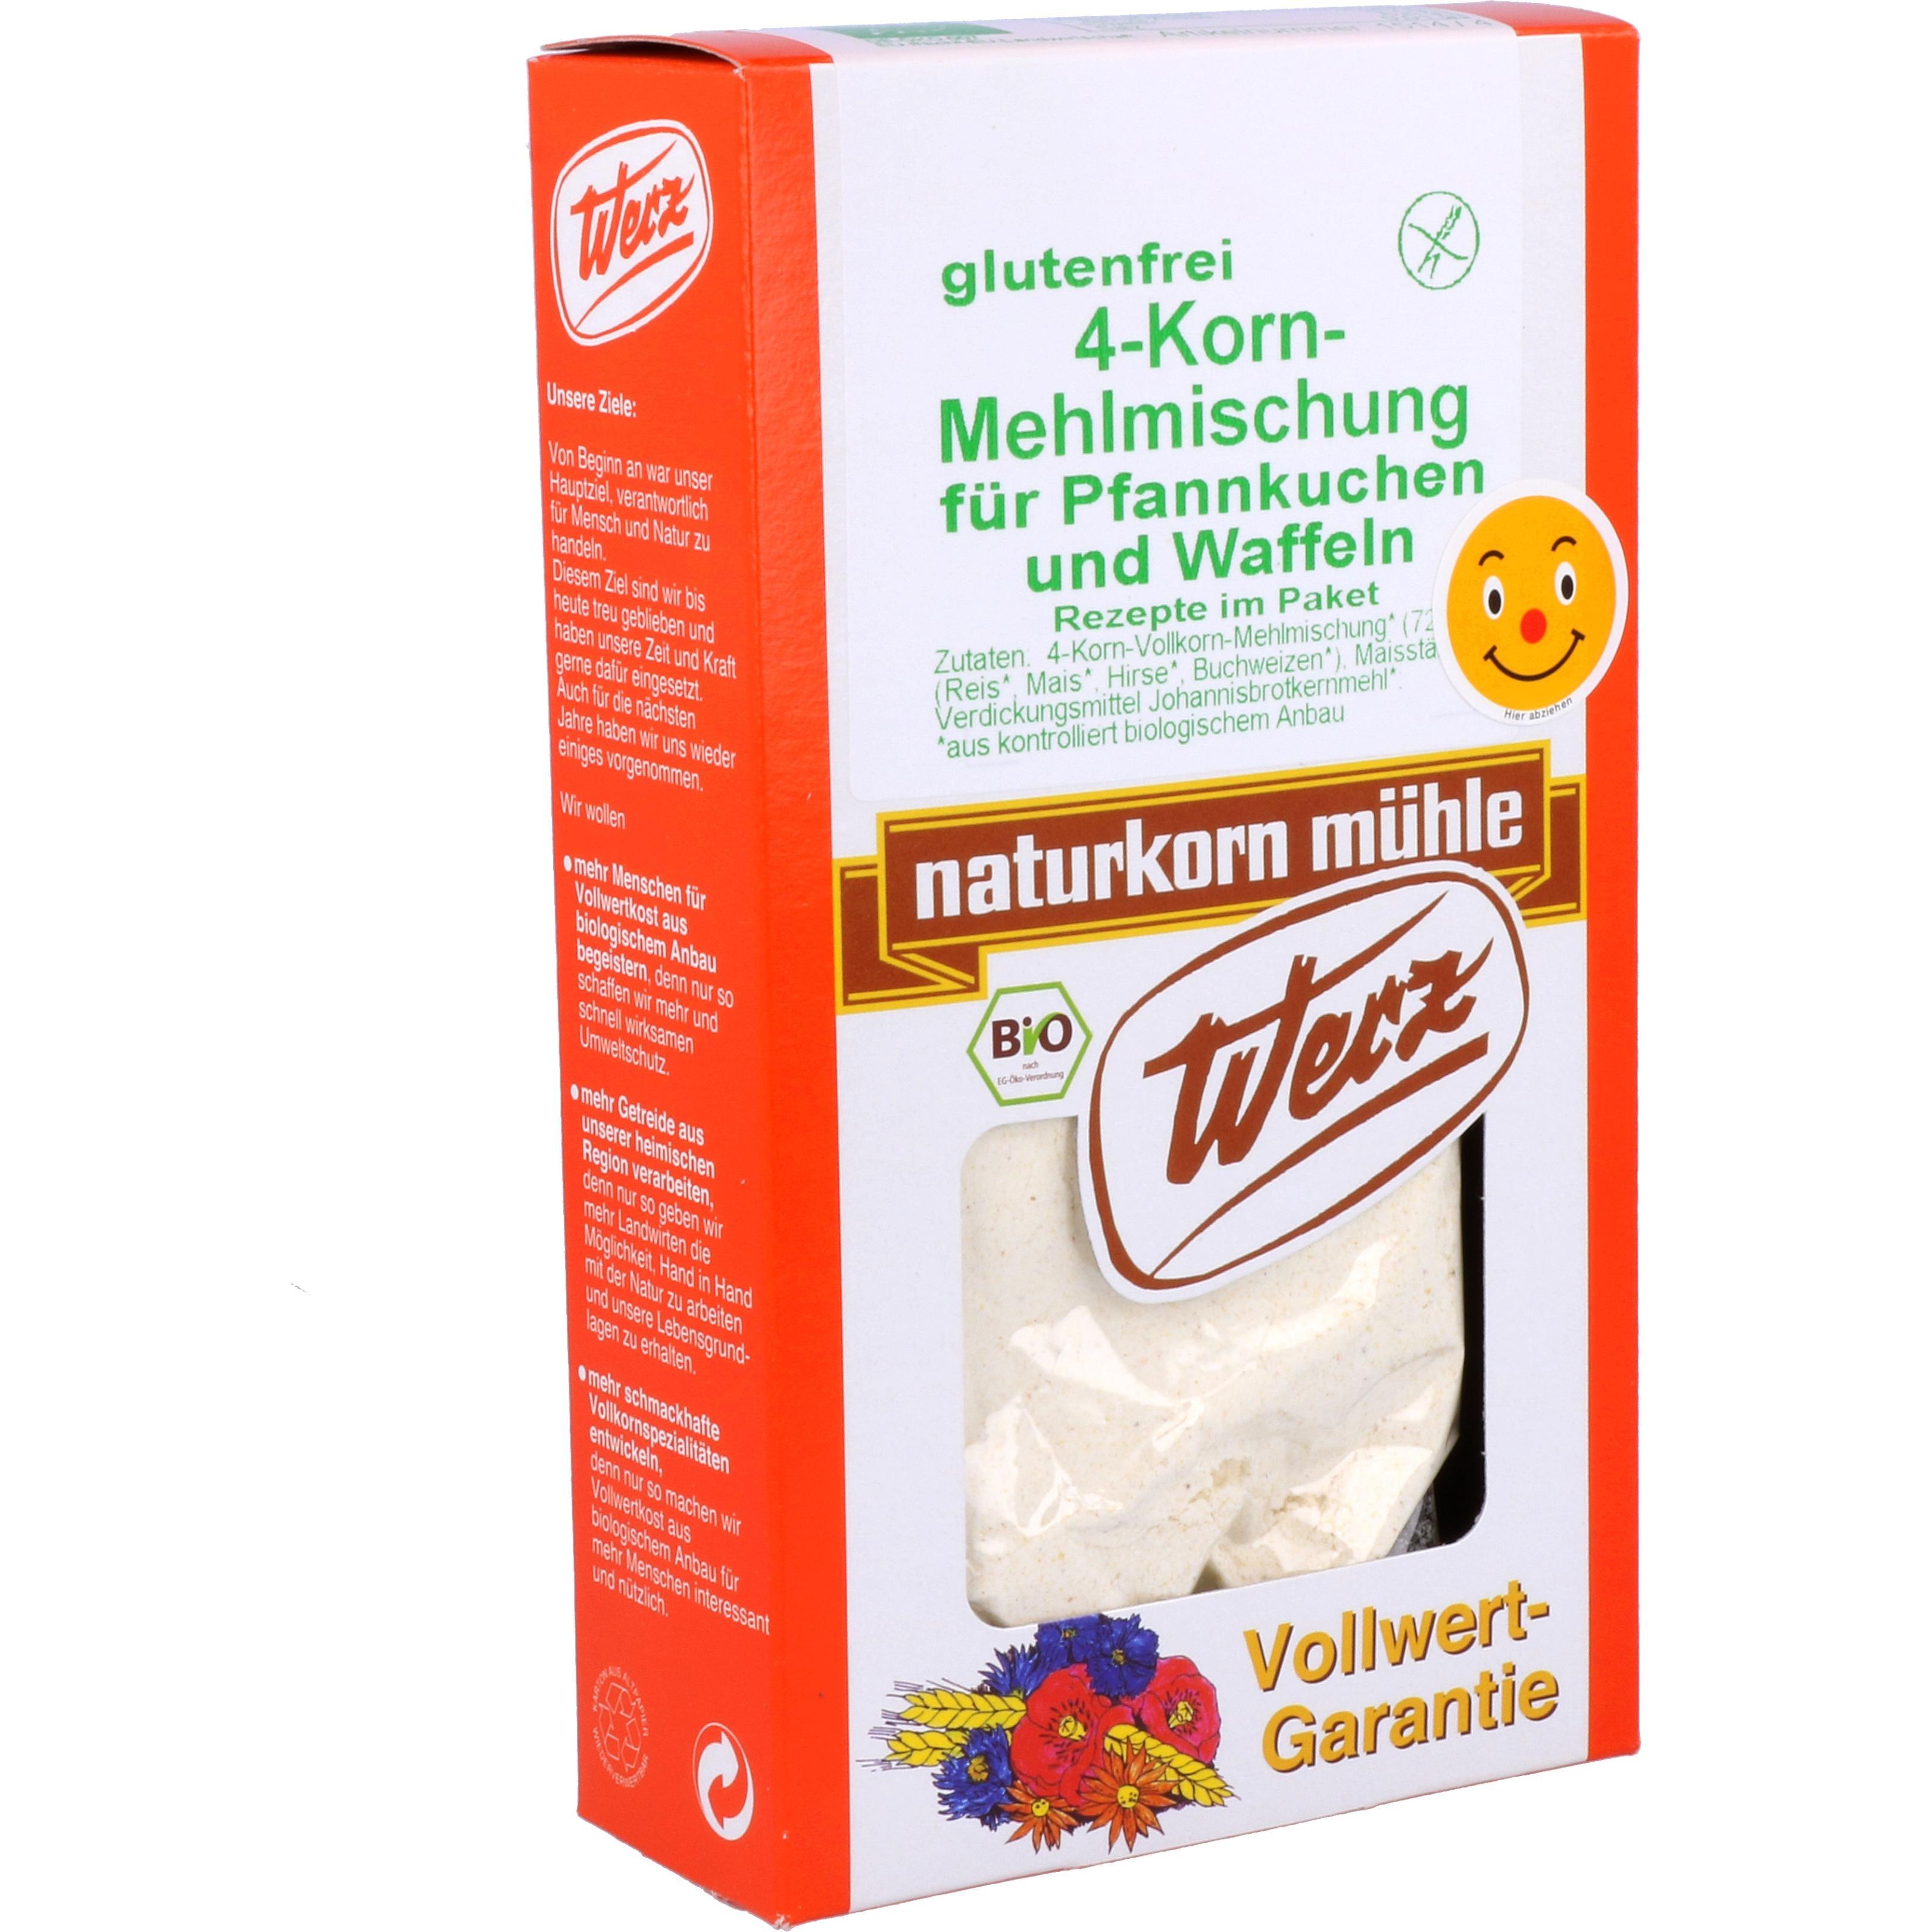 Werz Bio 4-Korn Pfannkuchen + Waffeln Mehlmischung Rezept im Paket 250g